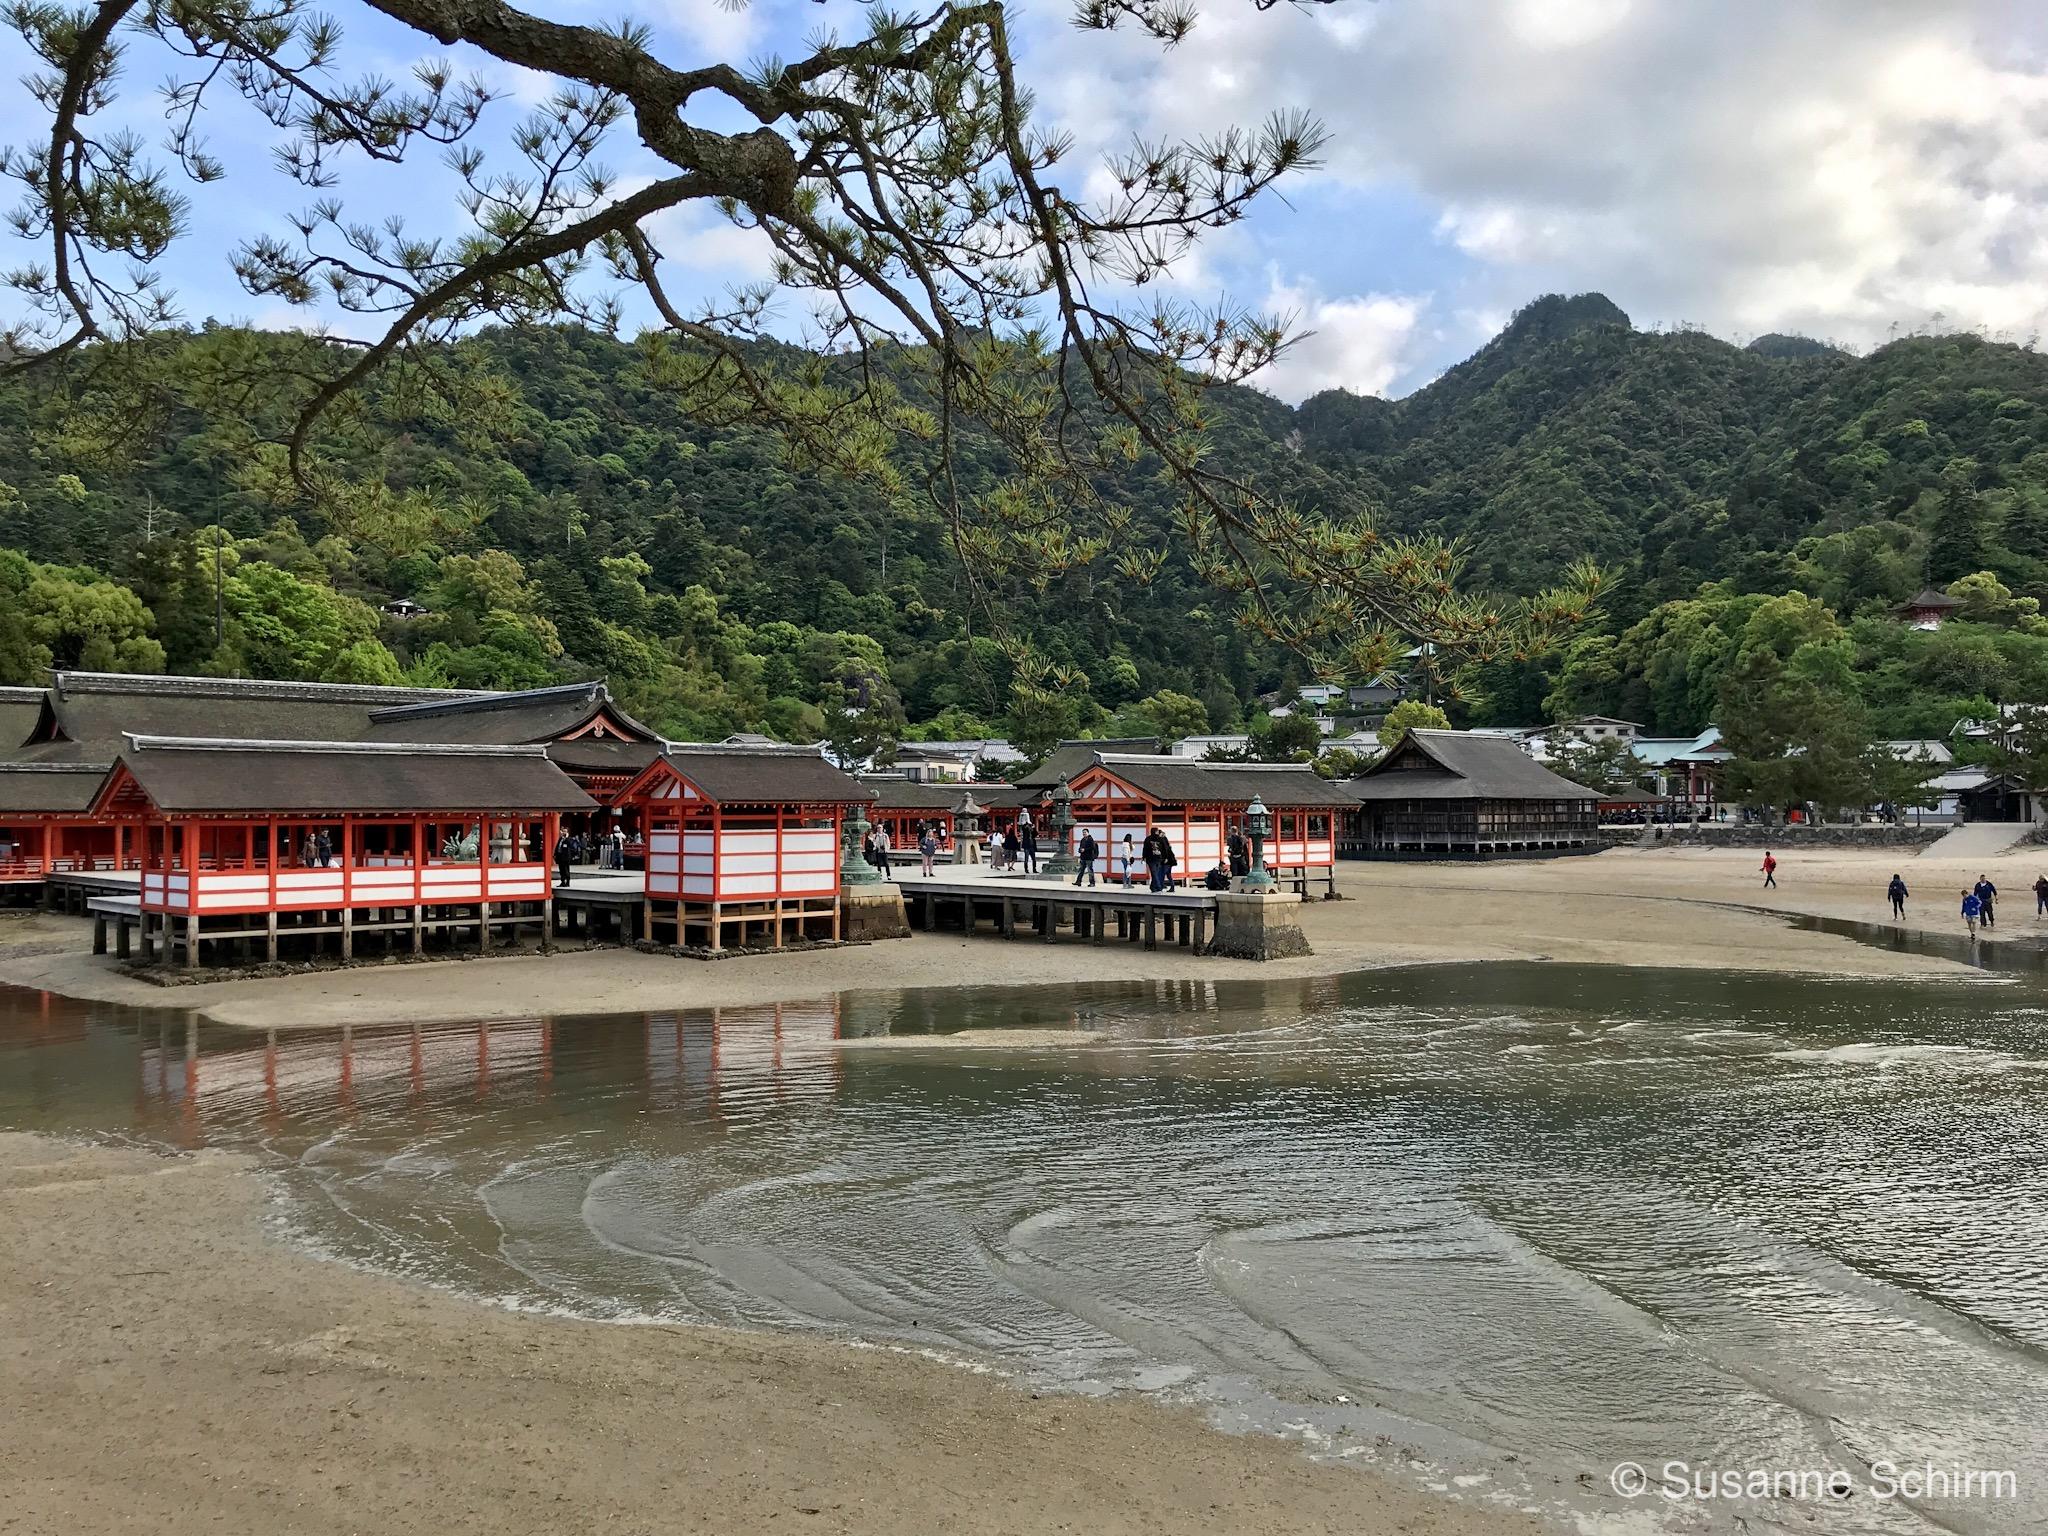 Bild vom Itsukushima-Schrein